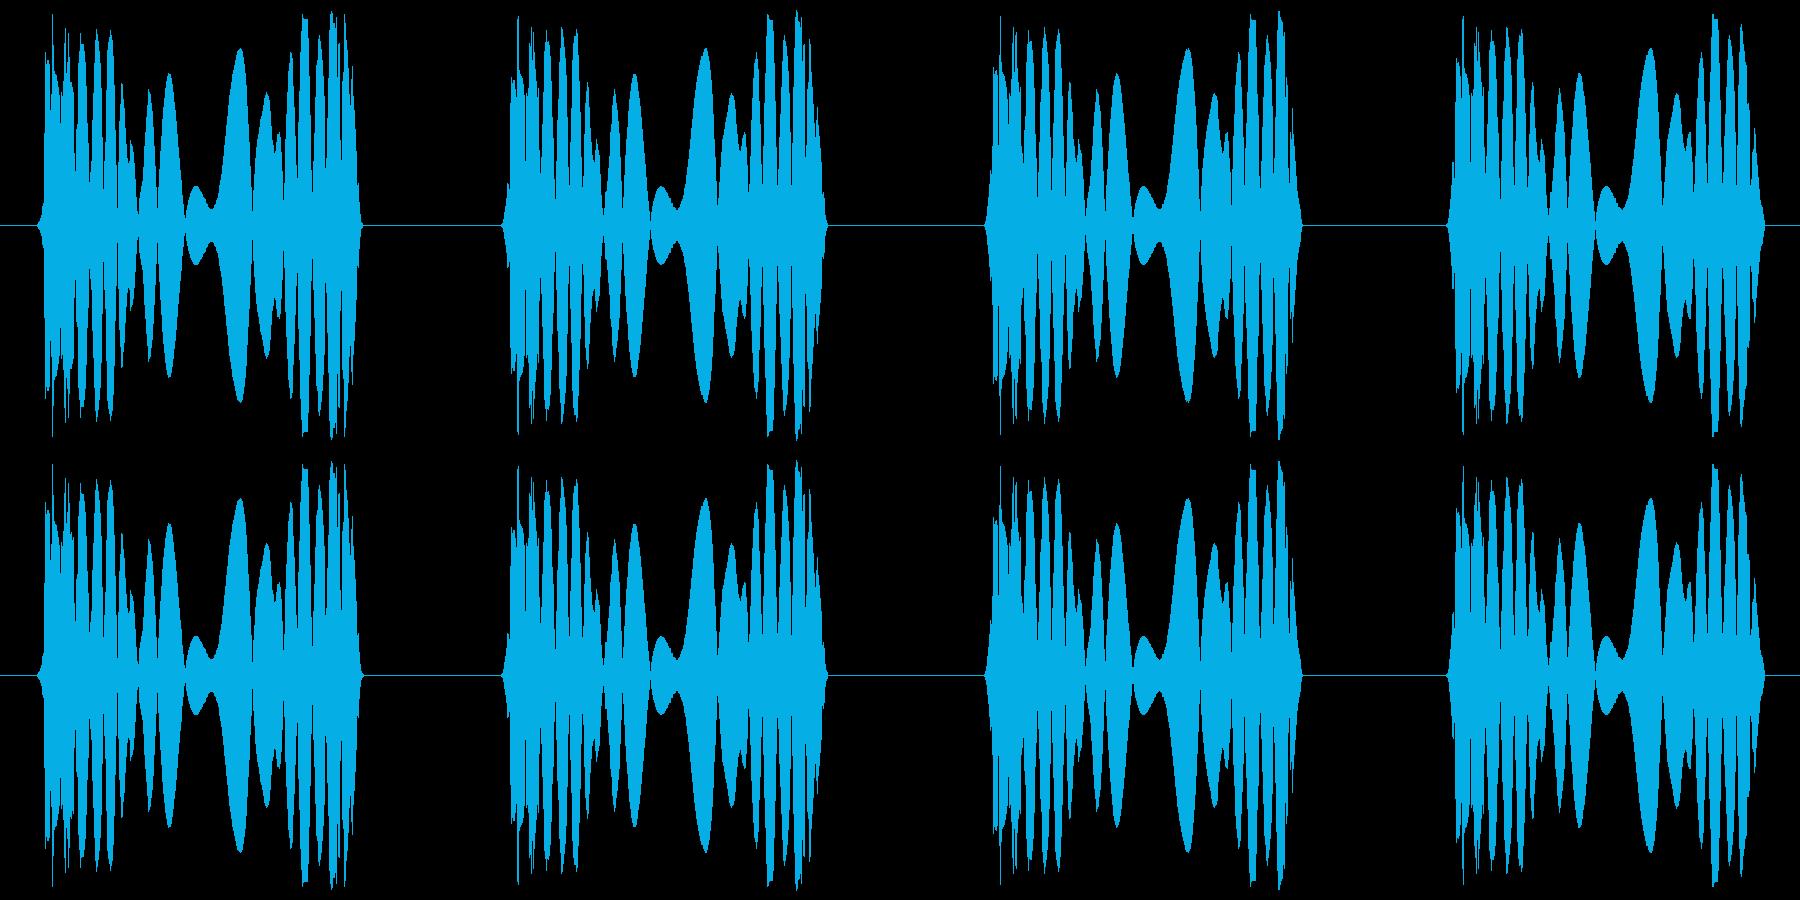 ジュクジュク(レコードスクラッチ4回)の再生済みの波形